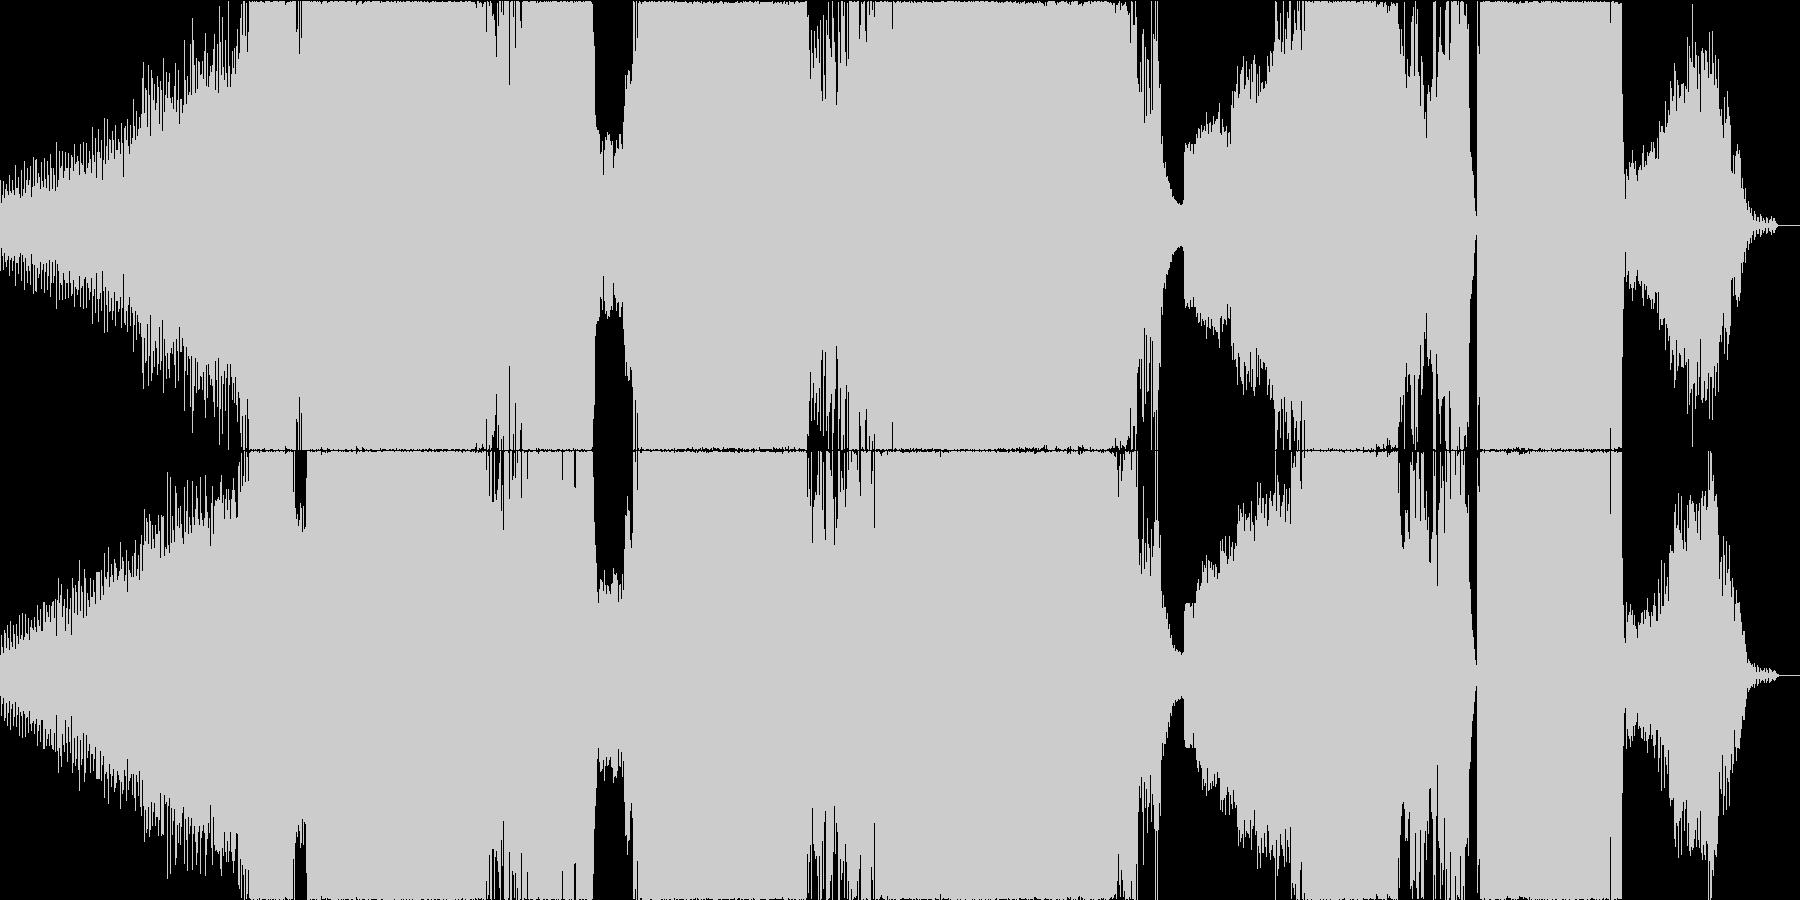 曲想が様々に展開するシンフォニックロックの未再生の波形